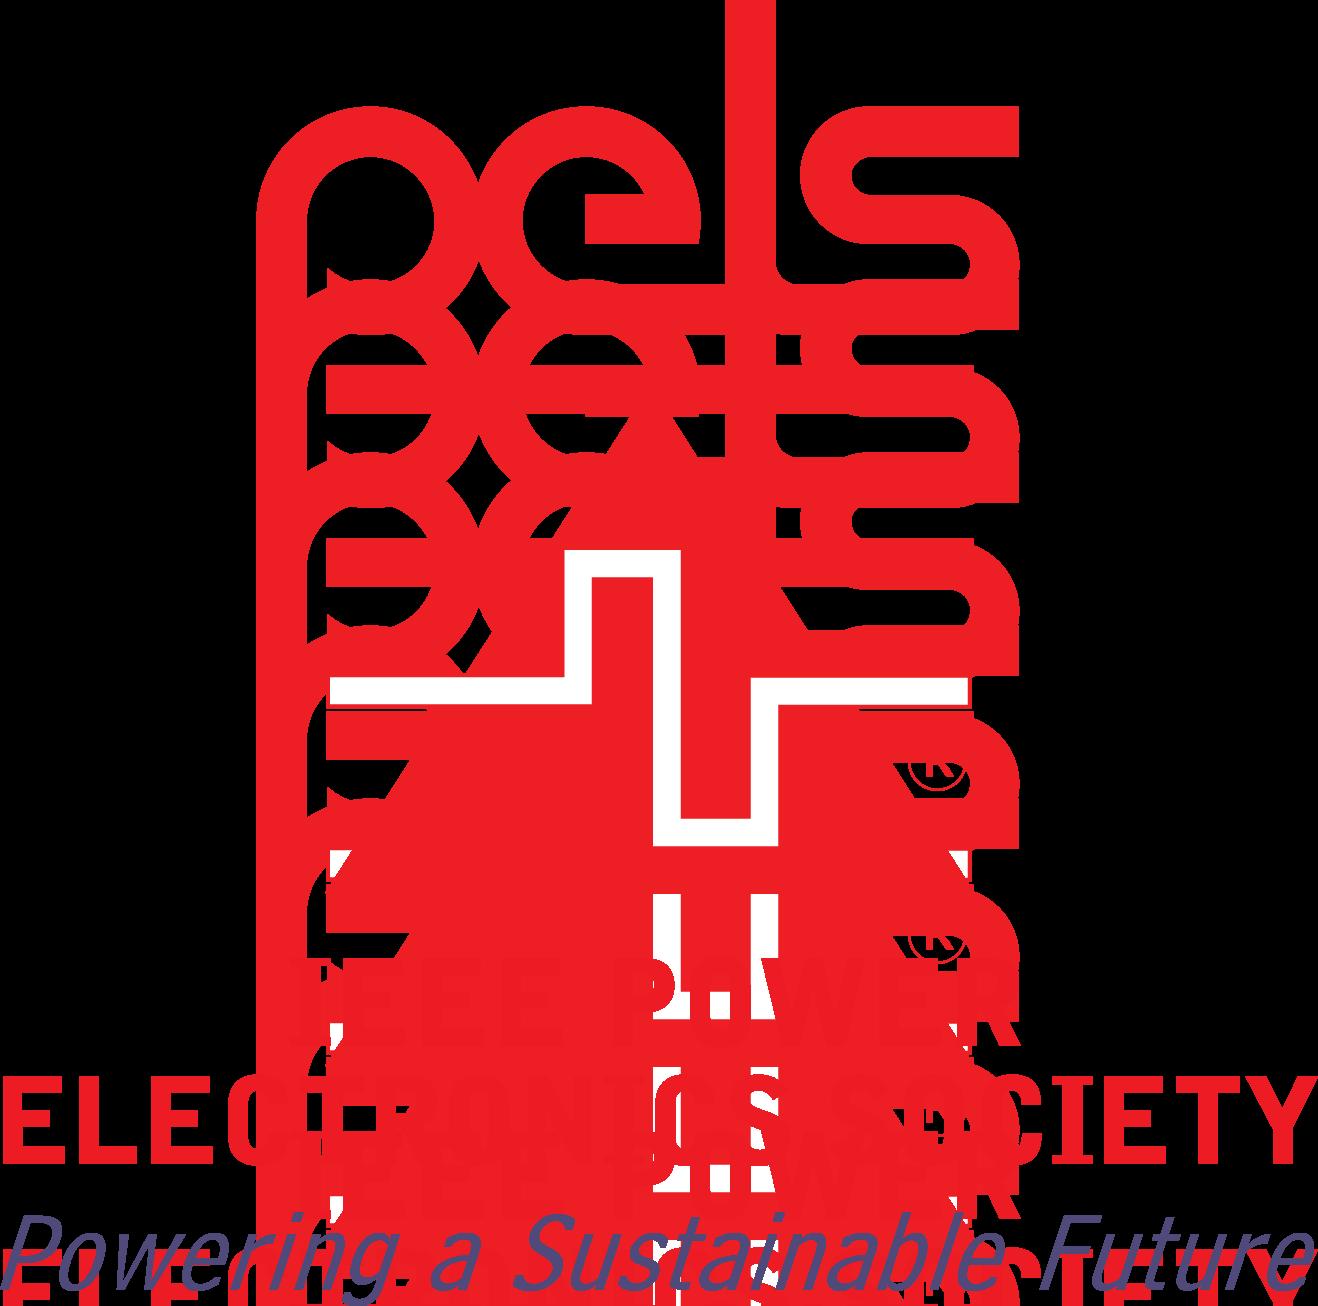 IEEE PELS